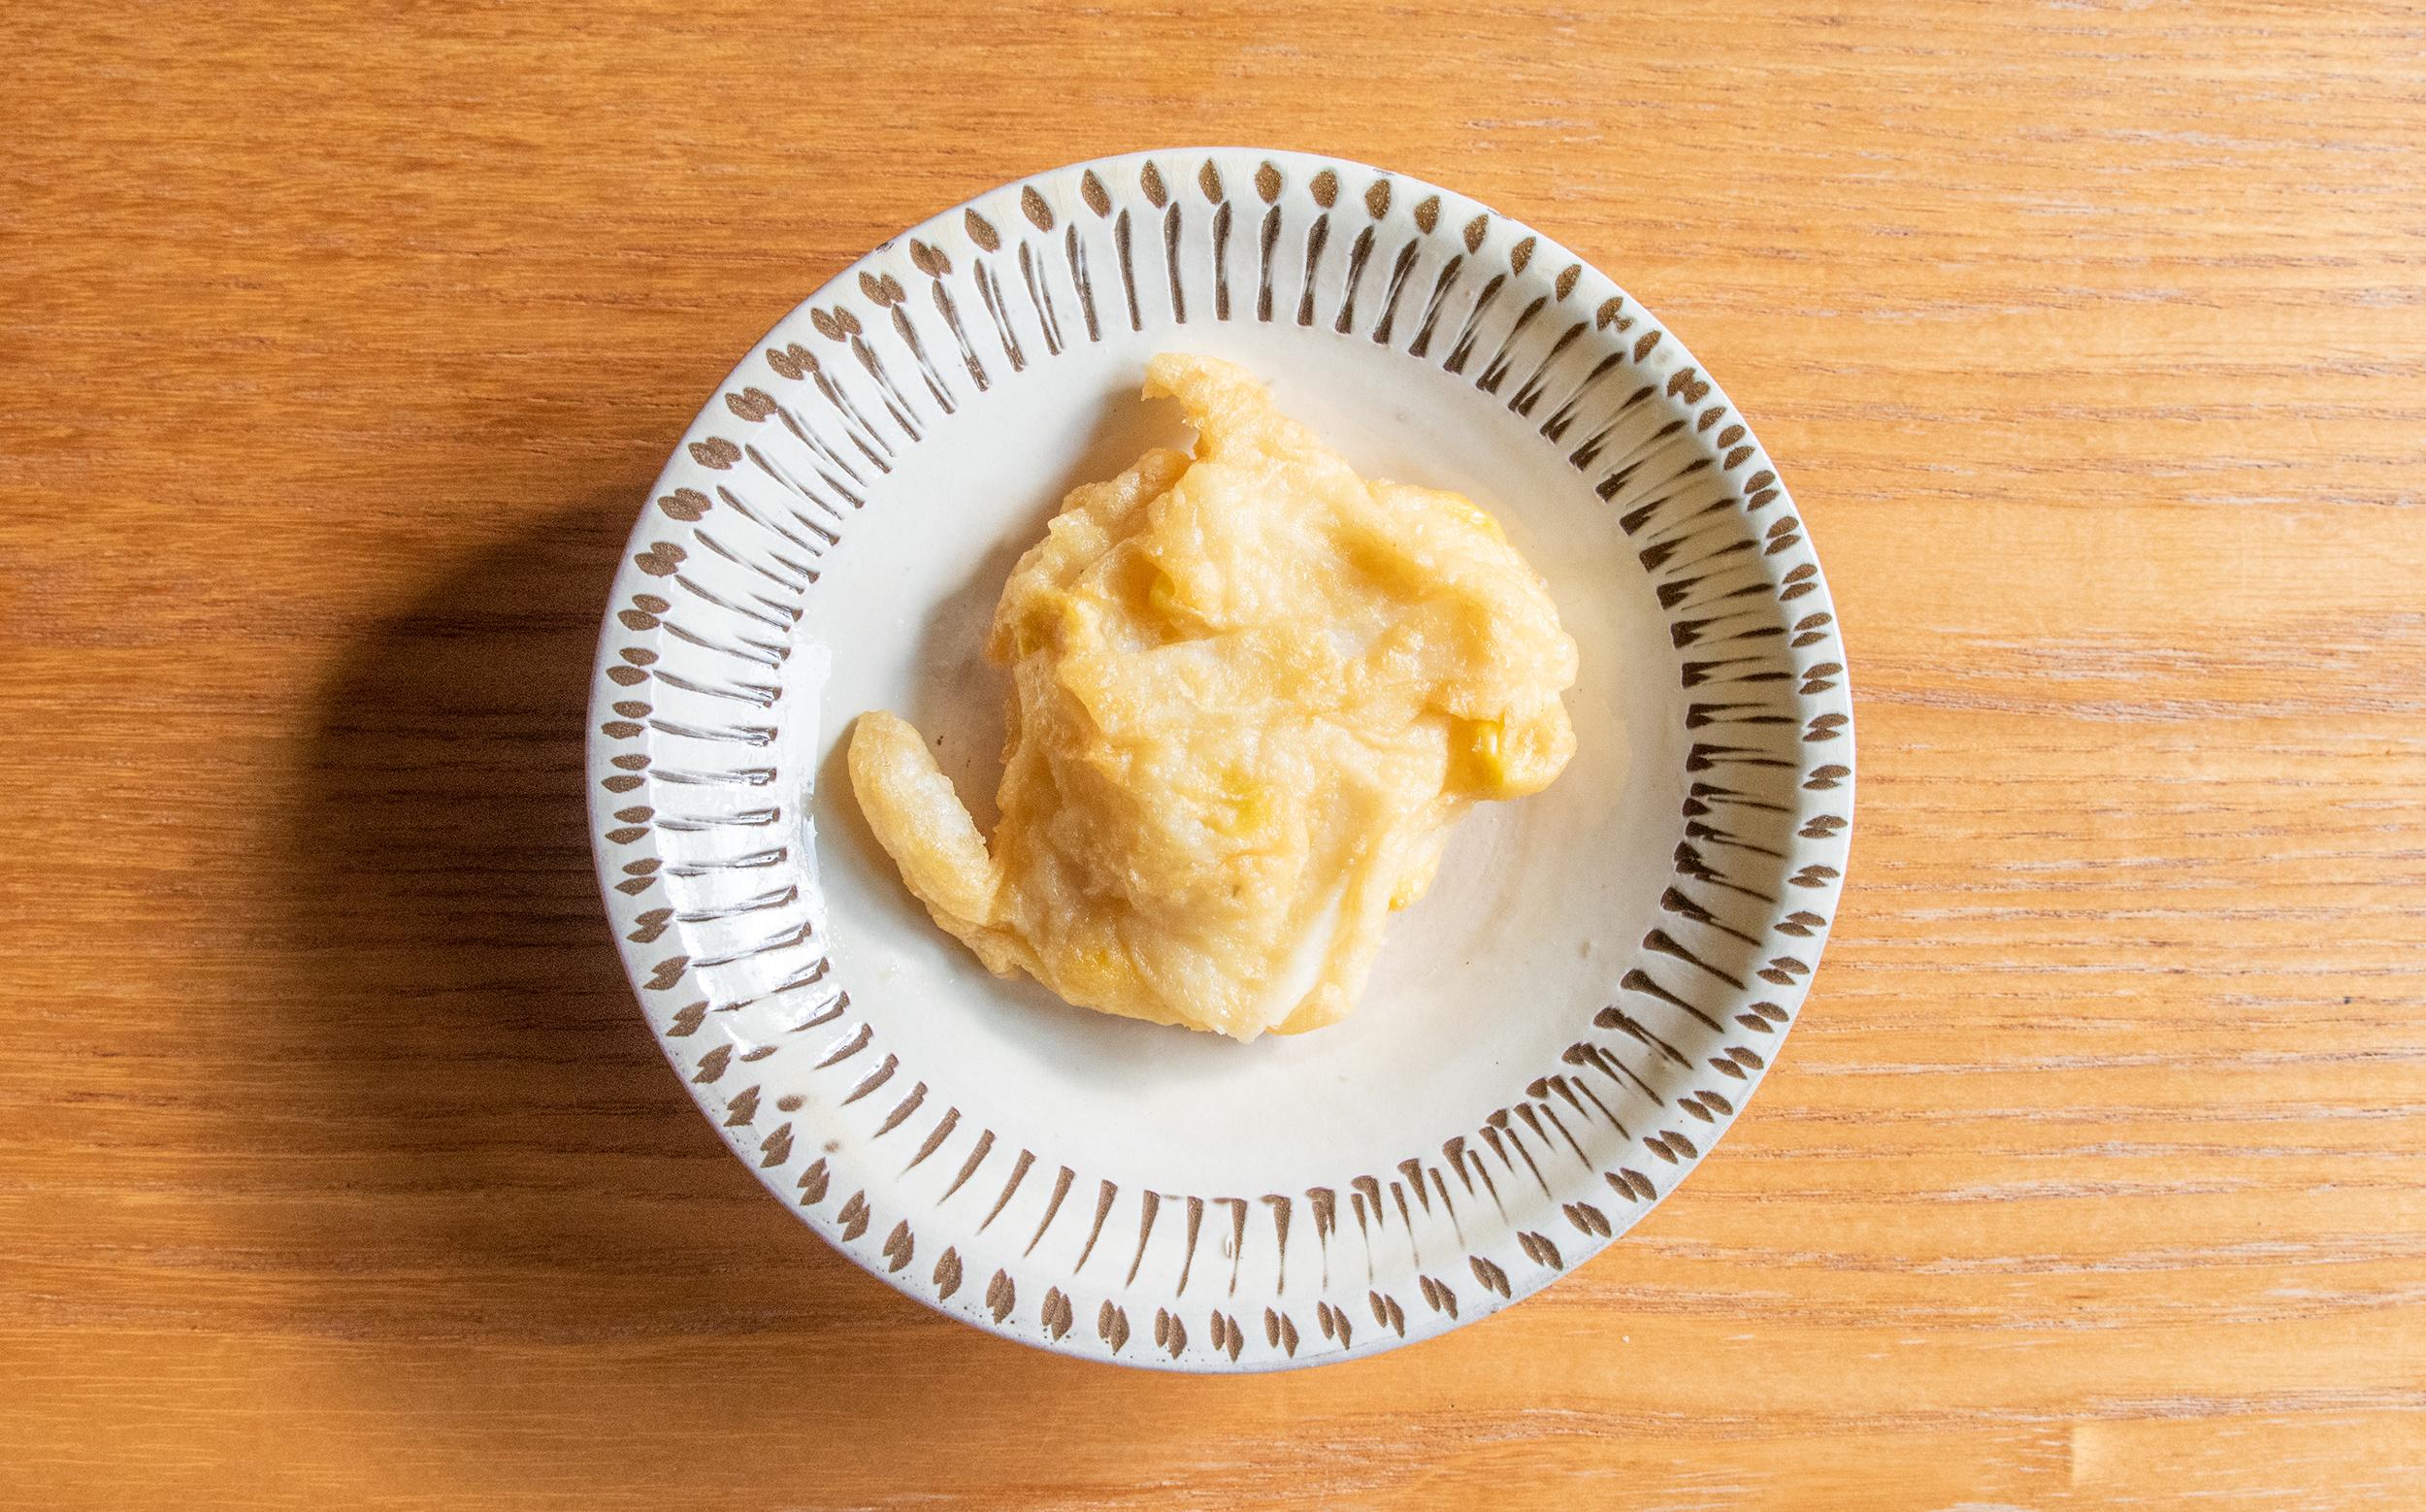 増田屋(葛飾区立石)のおでん種:ベーコンポテト